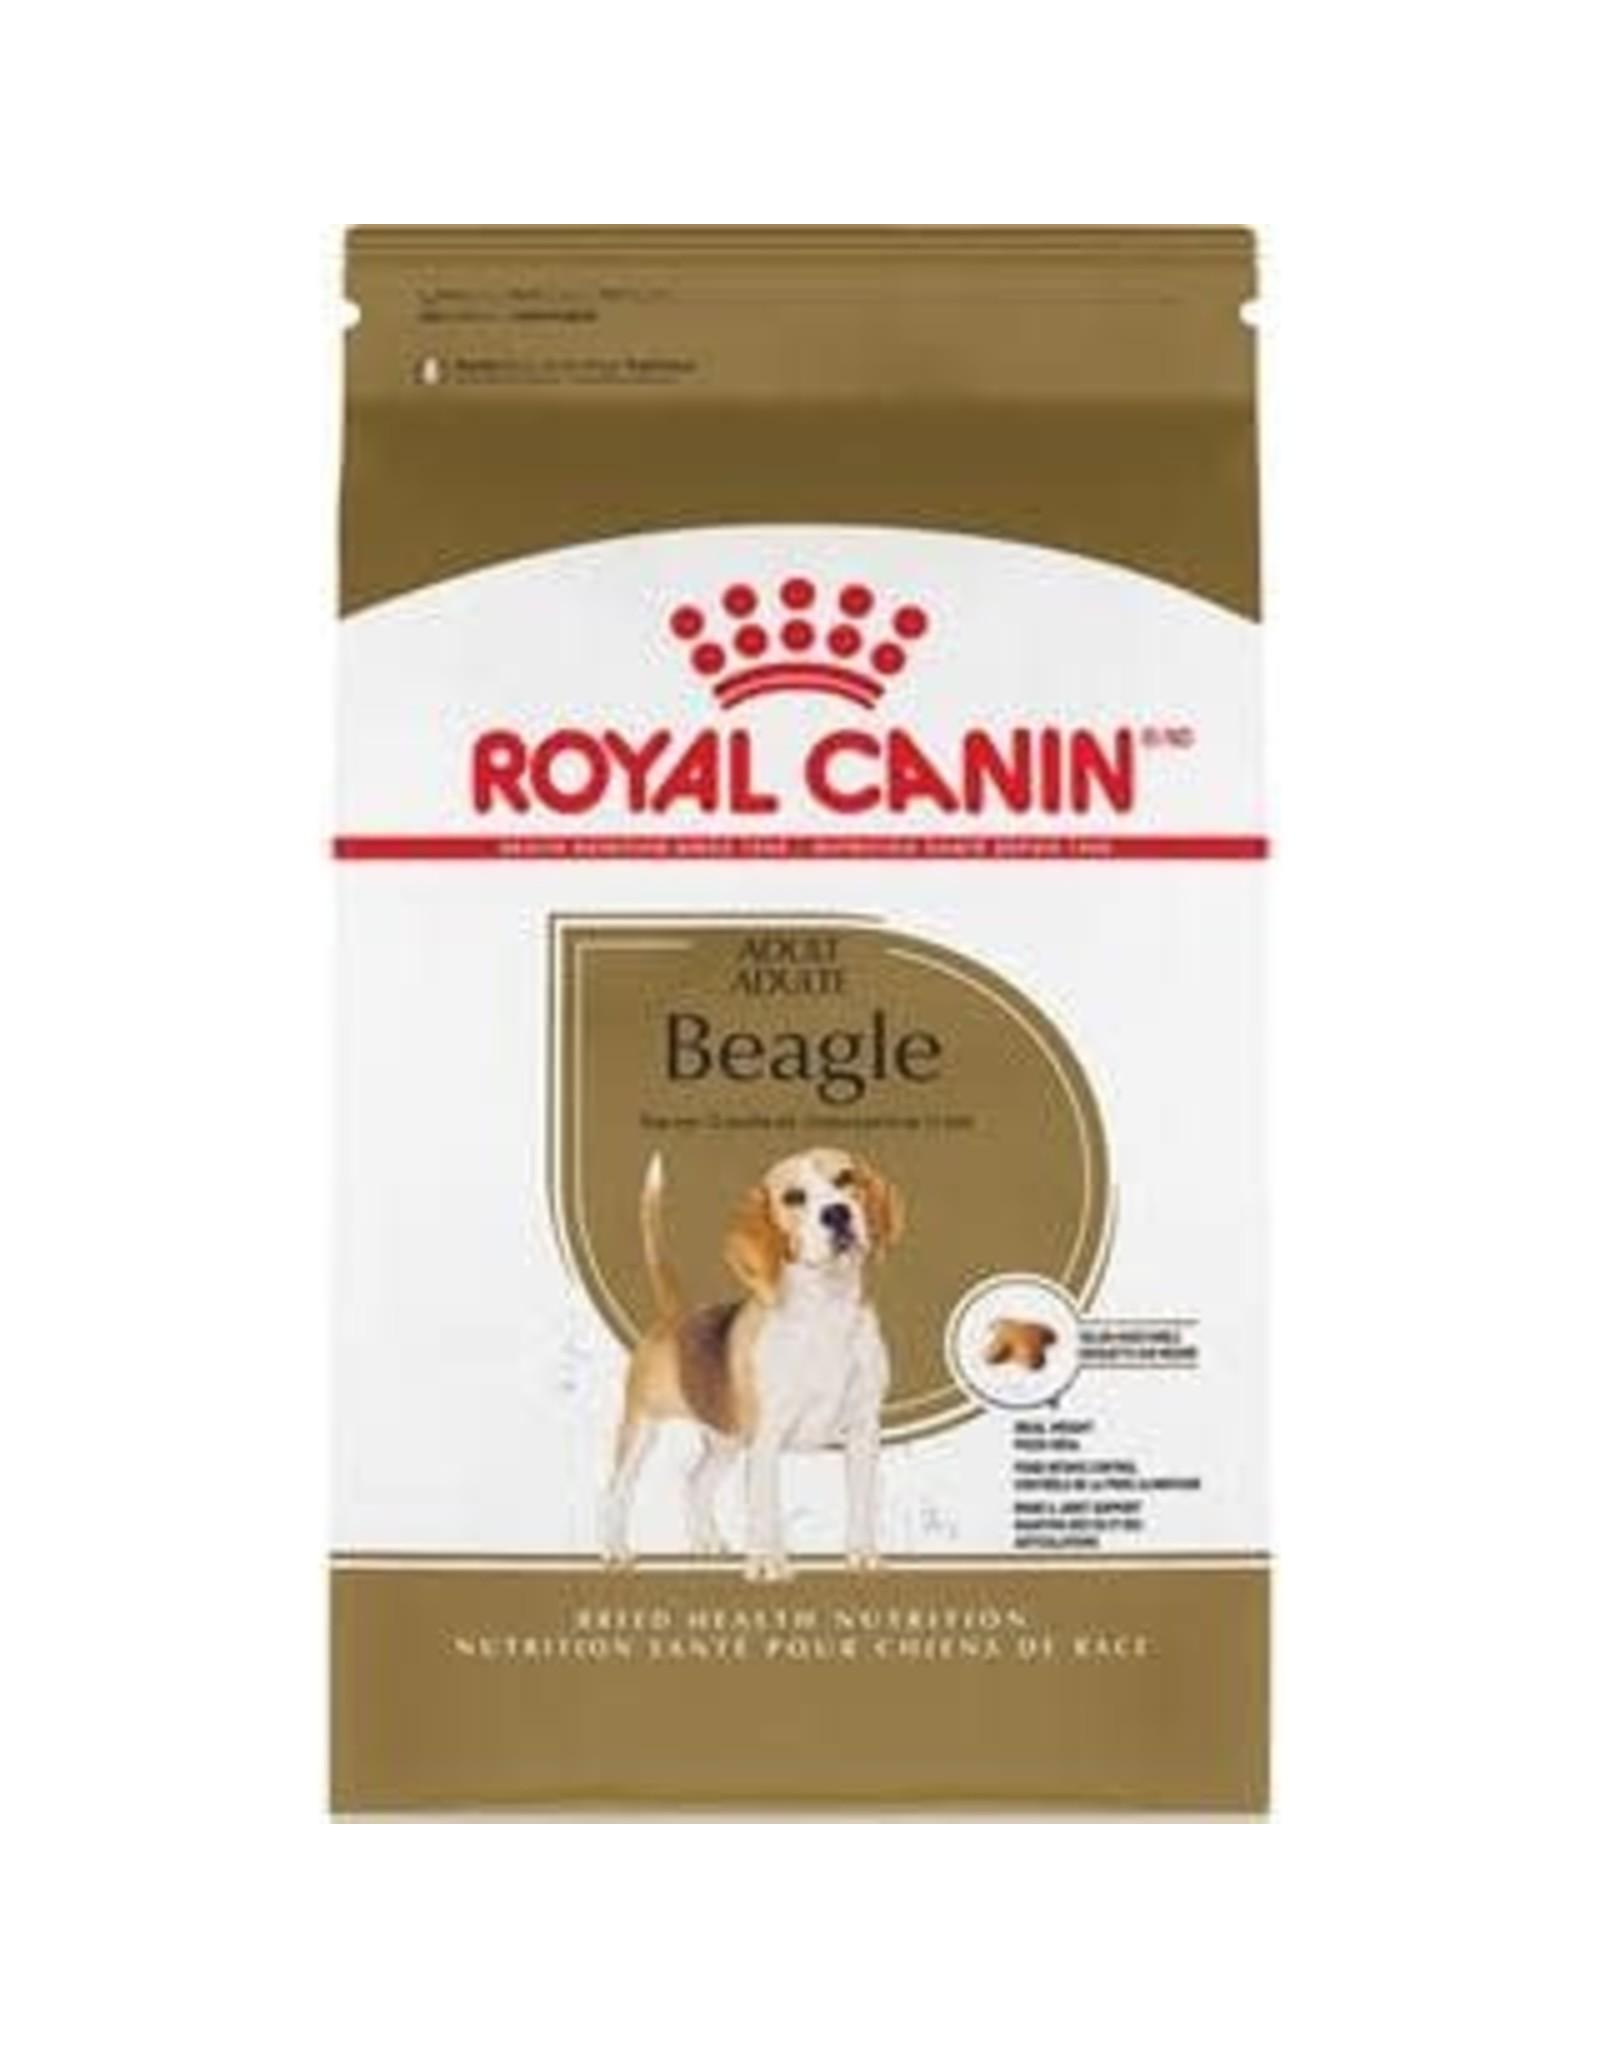 Royal Canin Royal Canin Dog - Beagle 30lb